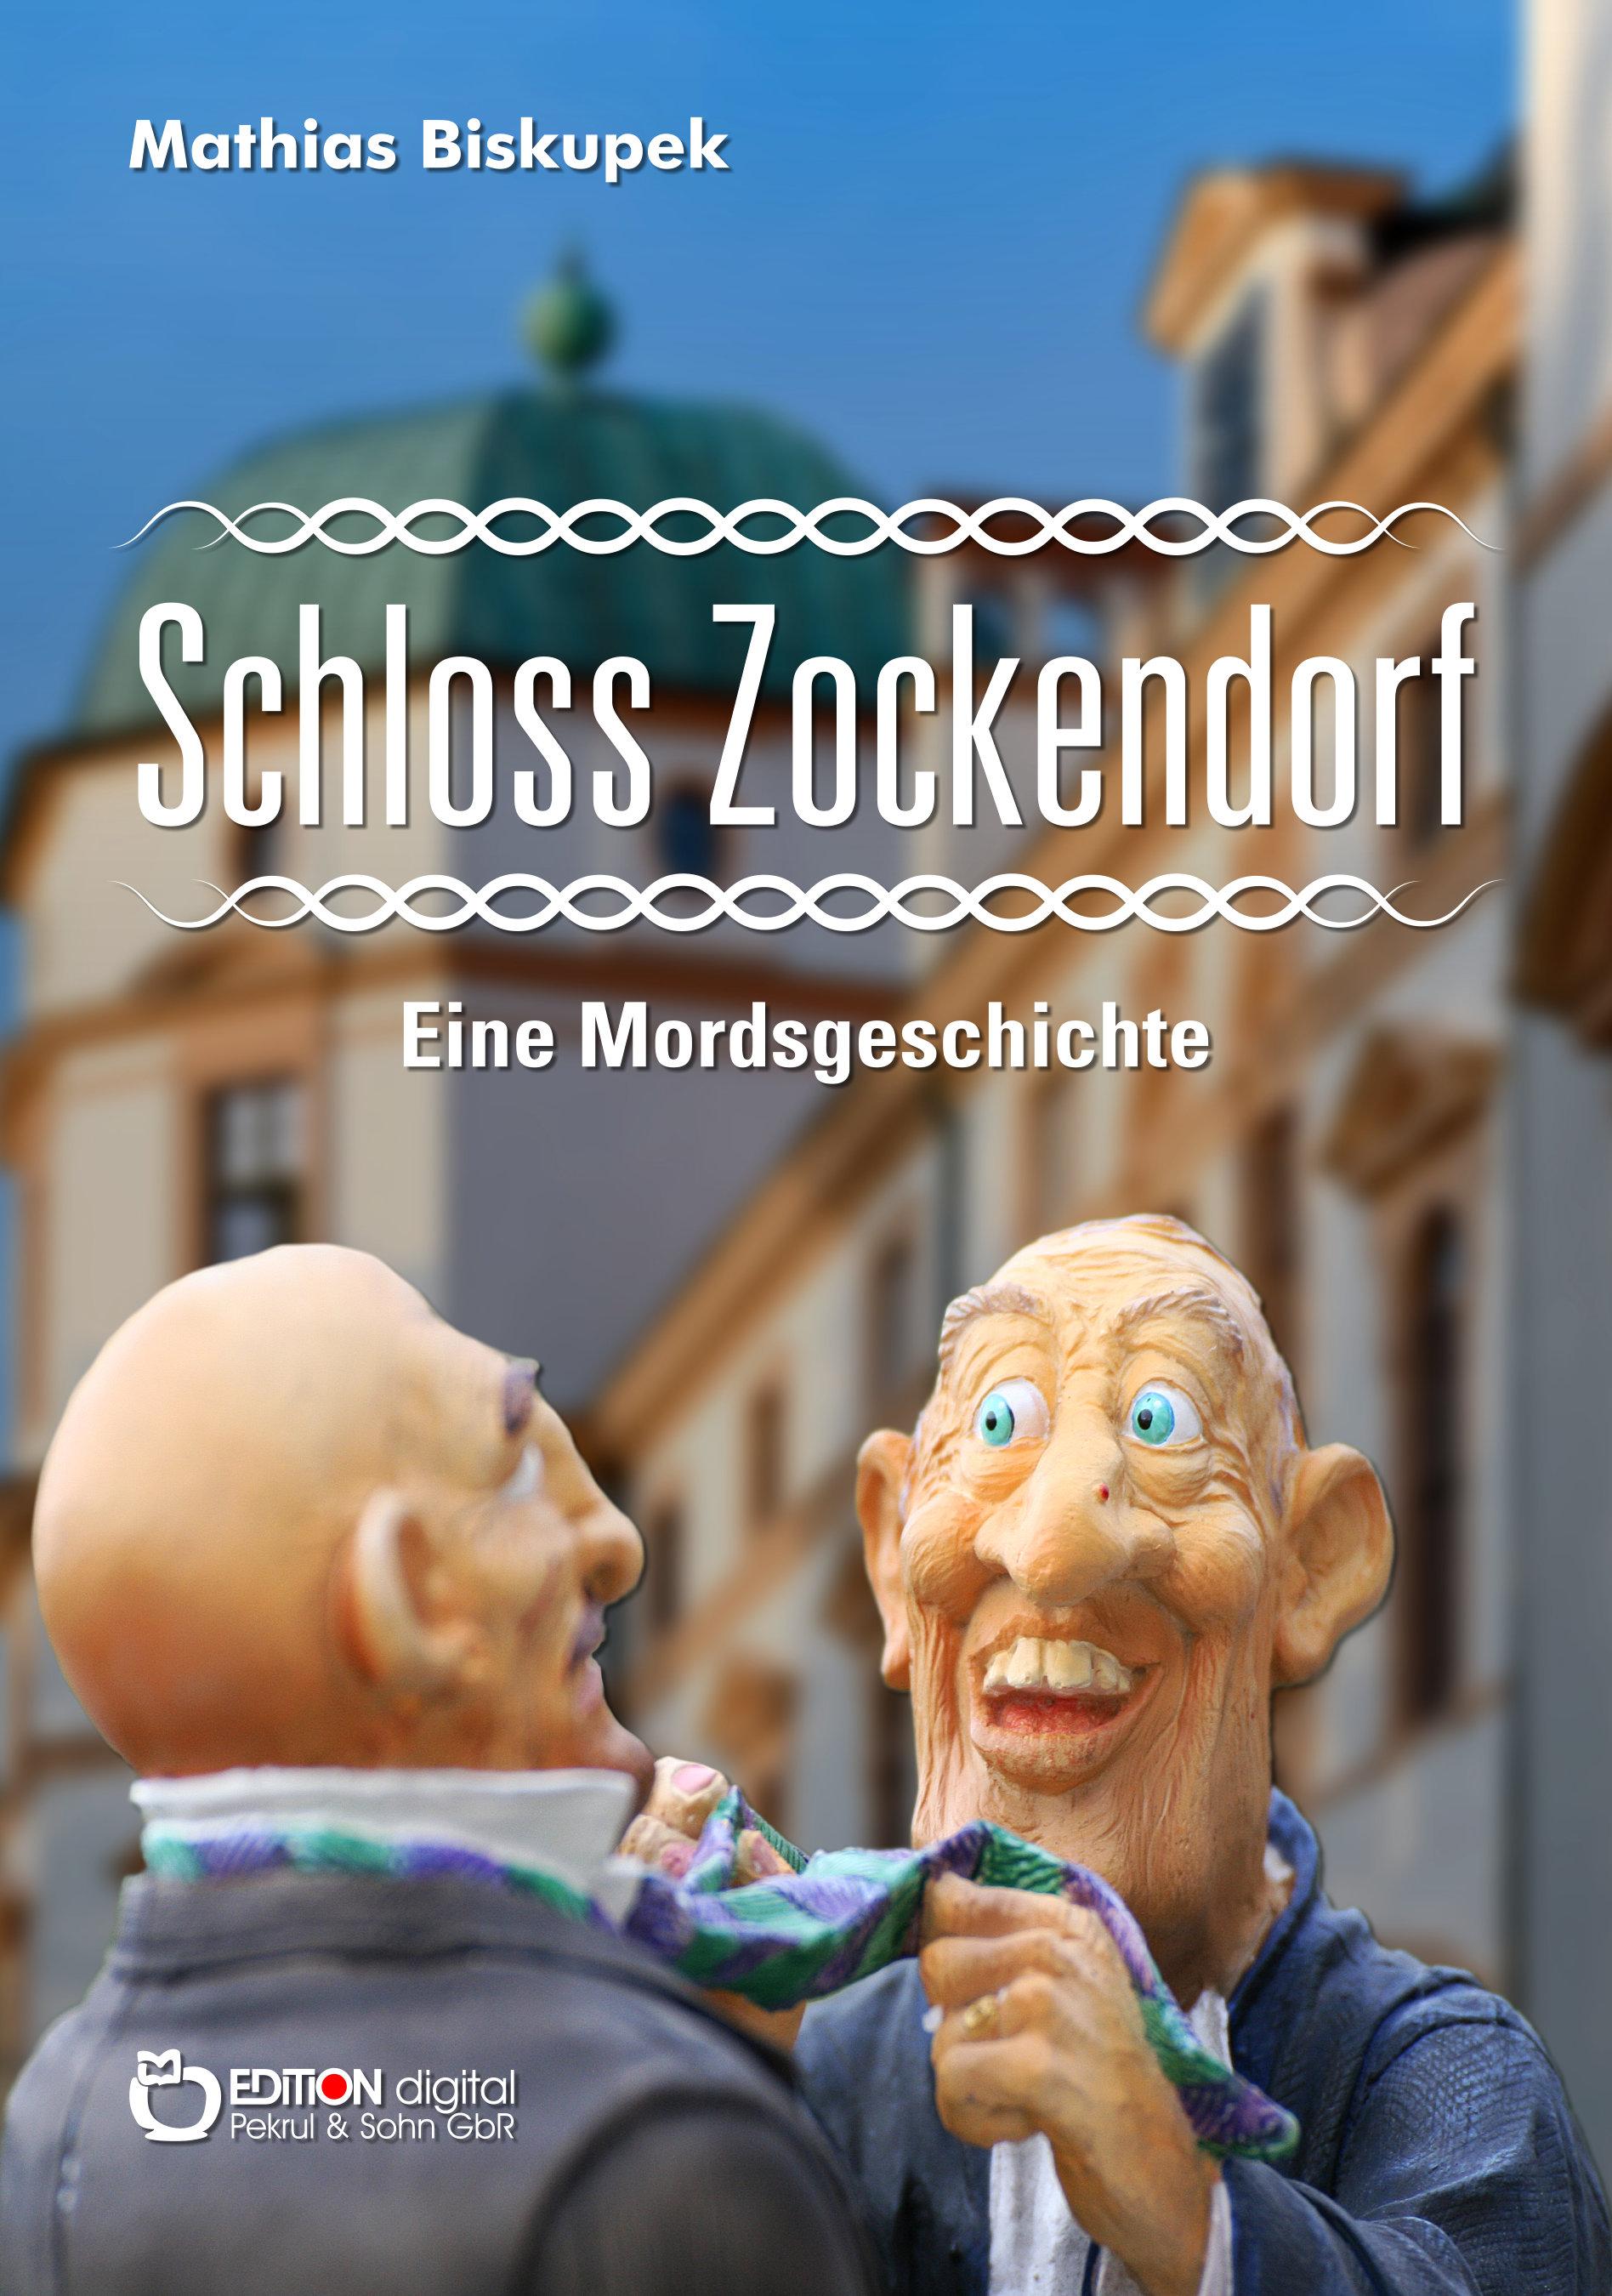 Schloss Zockendorf. Eine Mordsgeschichte von Matthias Biskupek